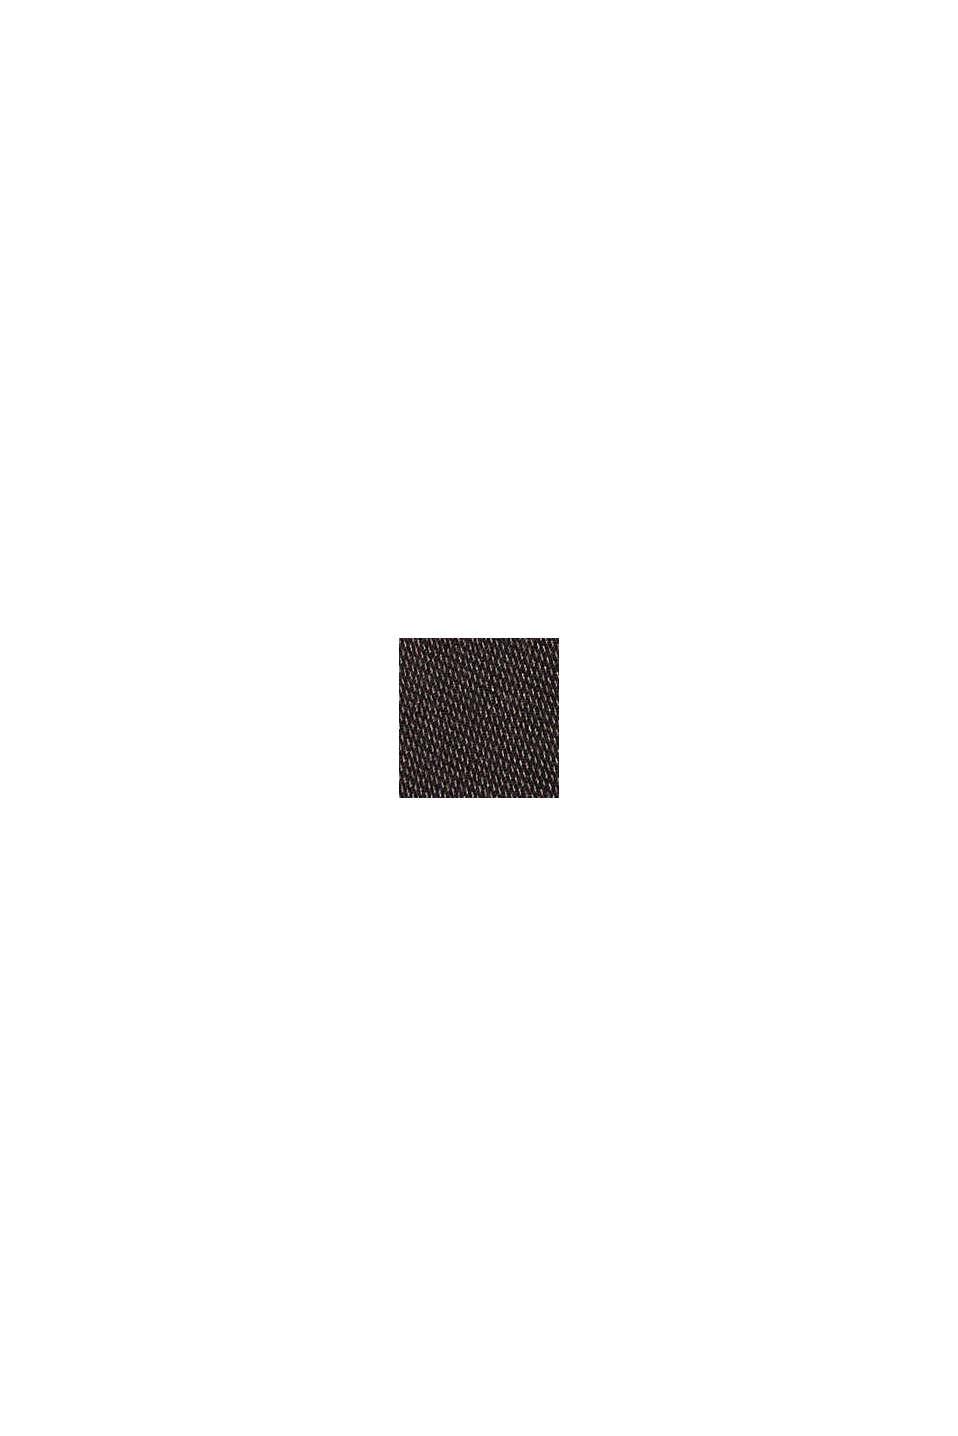 Pantaloni da completo bicolore in misto cotone, DARK BROWN, swatch